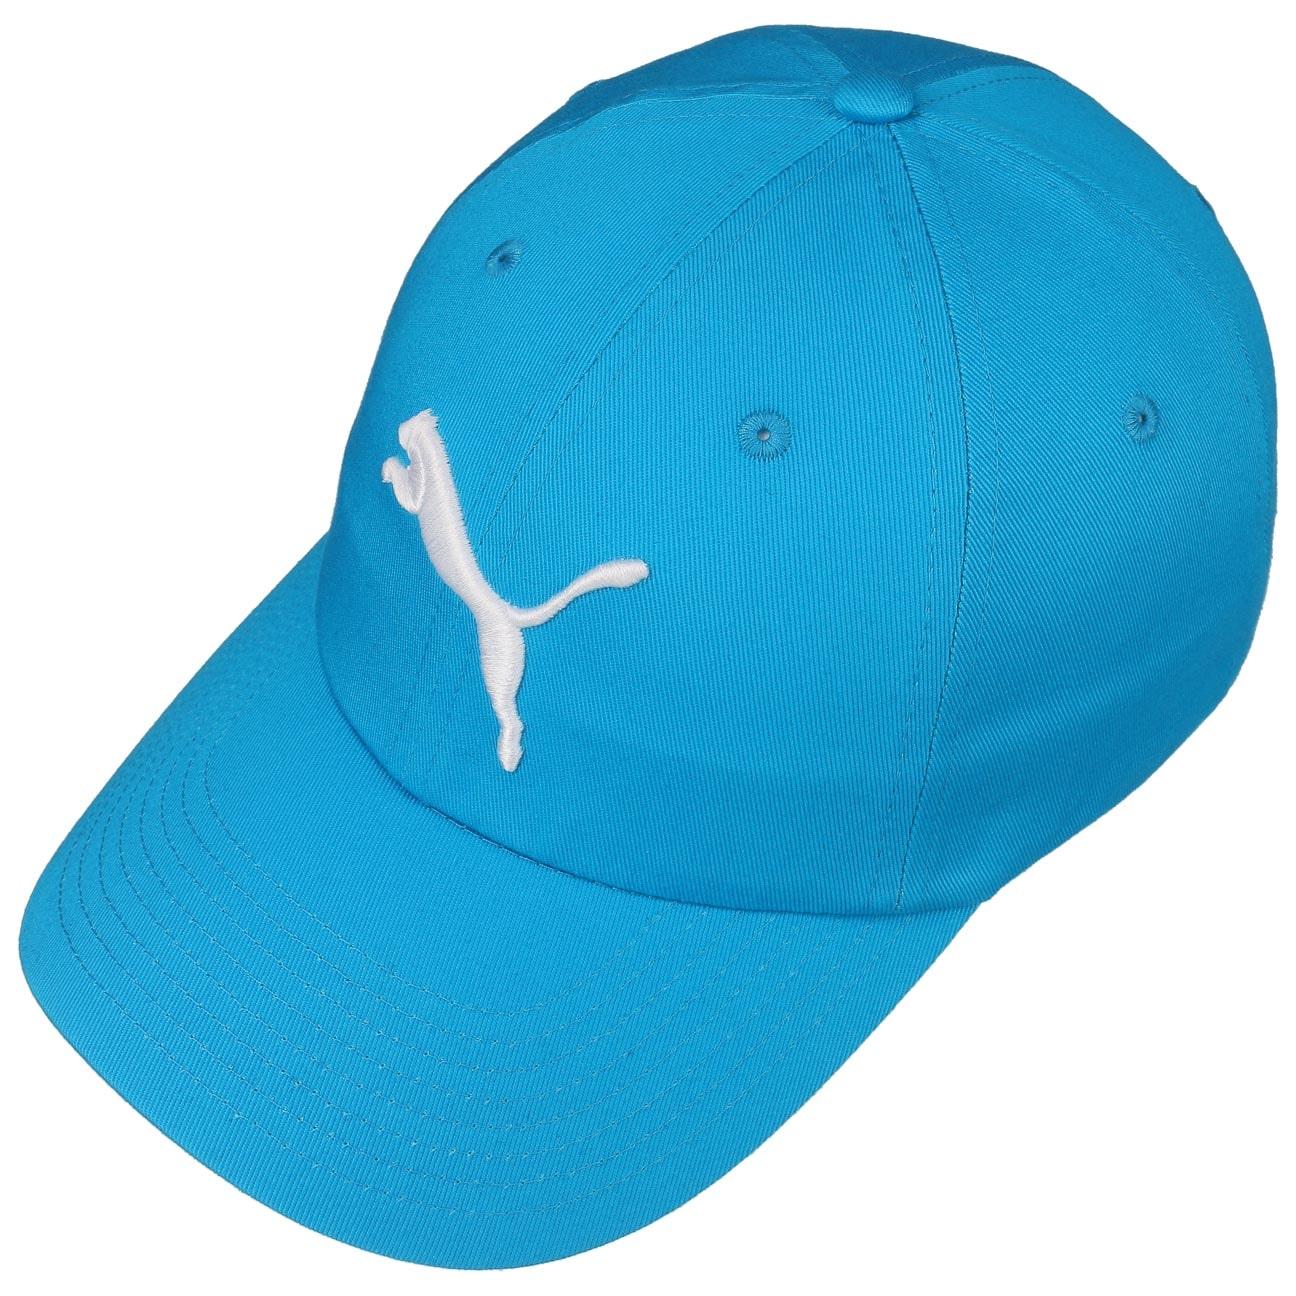 ... ESS Big Cat Cap by PUMA - light blue 2 ... 761a3cef4cf